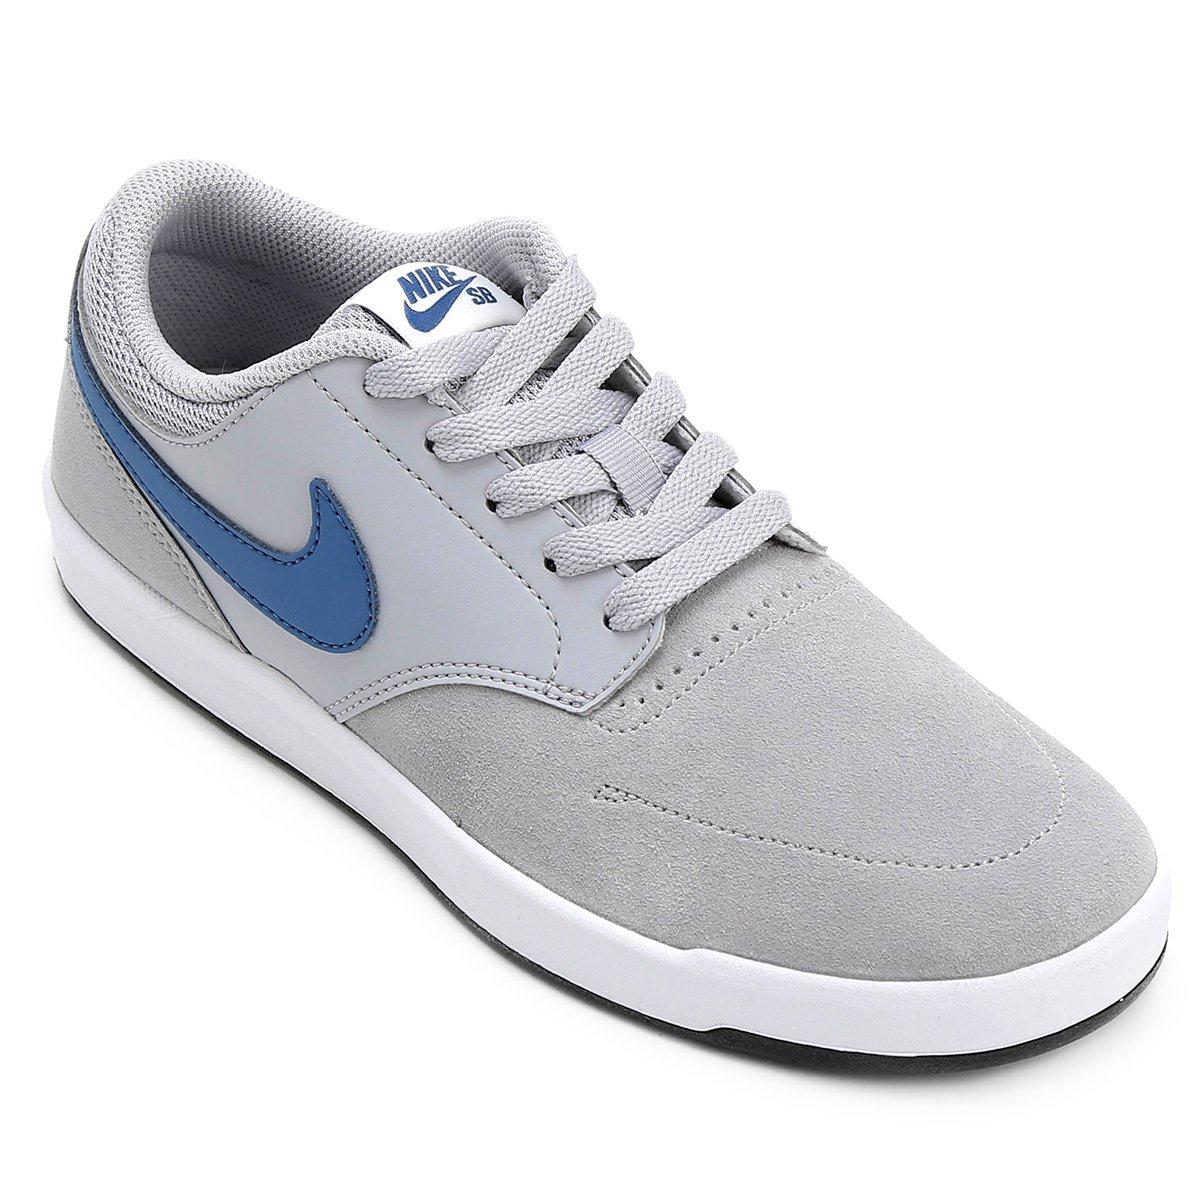 e13011a9adb7d Tênis Couro Nike SB Fokus Masculina - Compre Agora